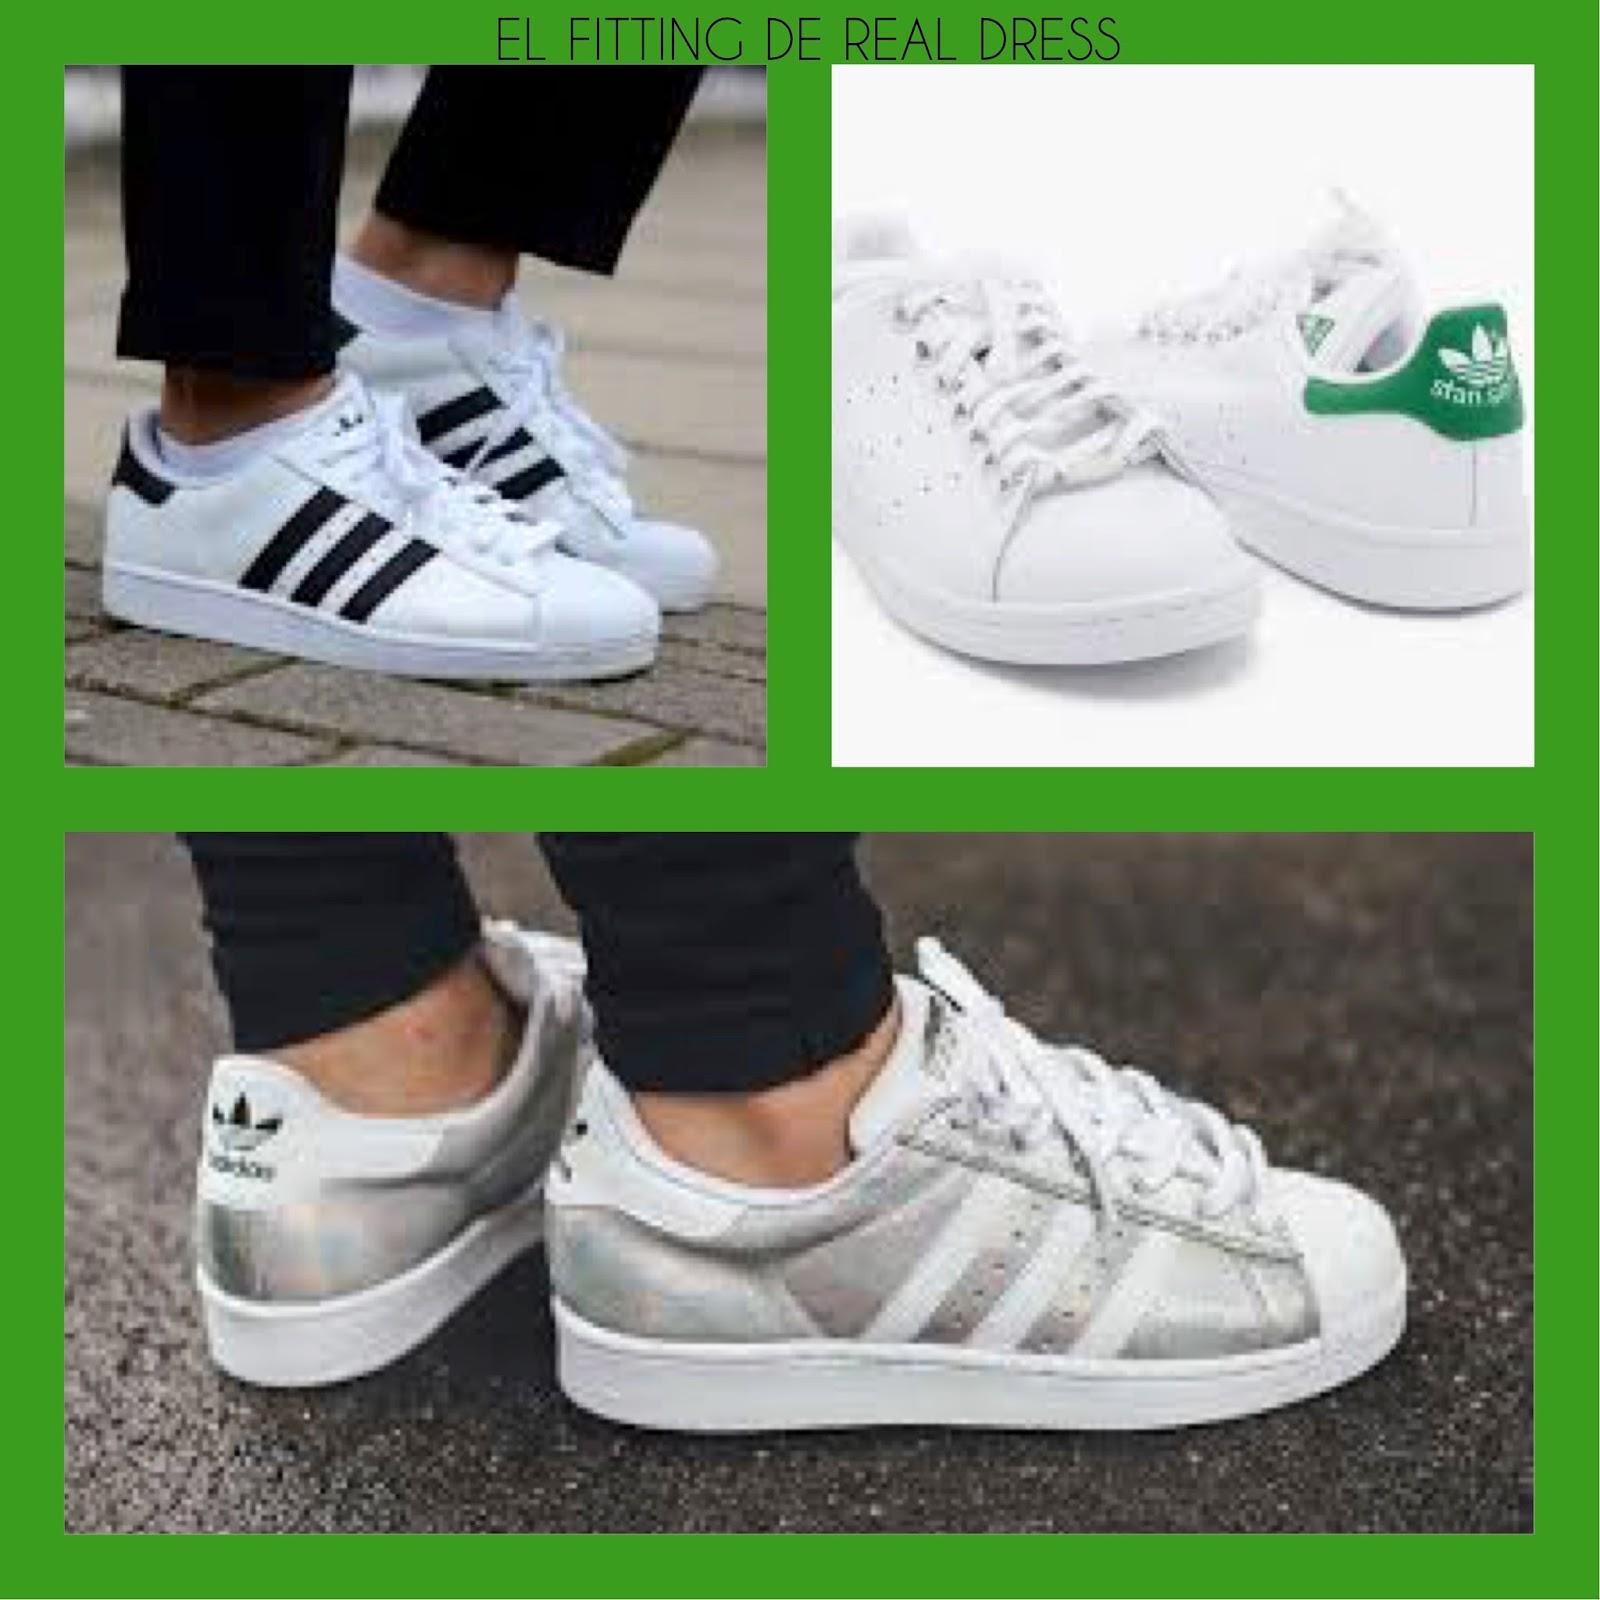 ultima moda de zapatillas adidas